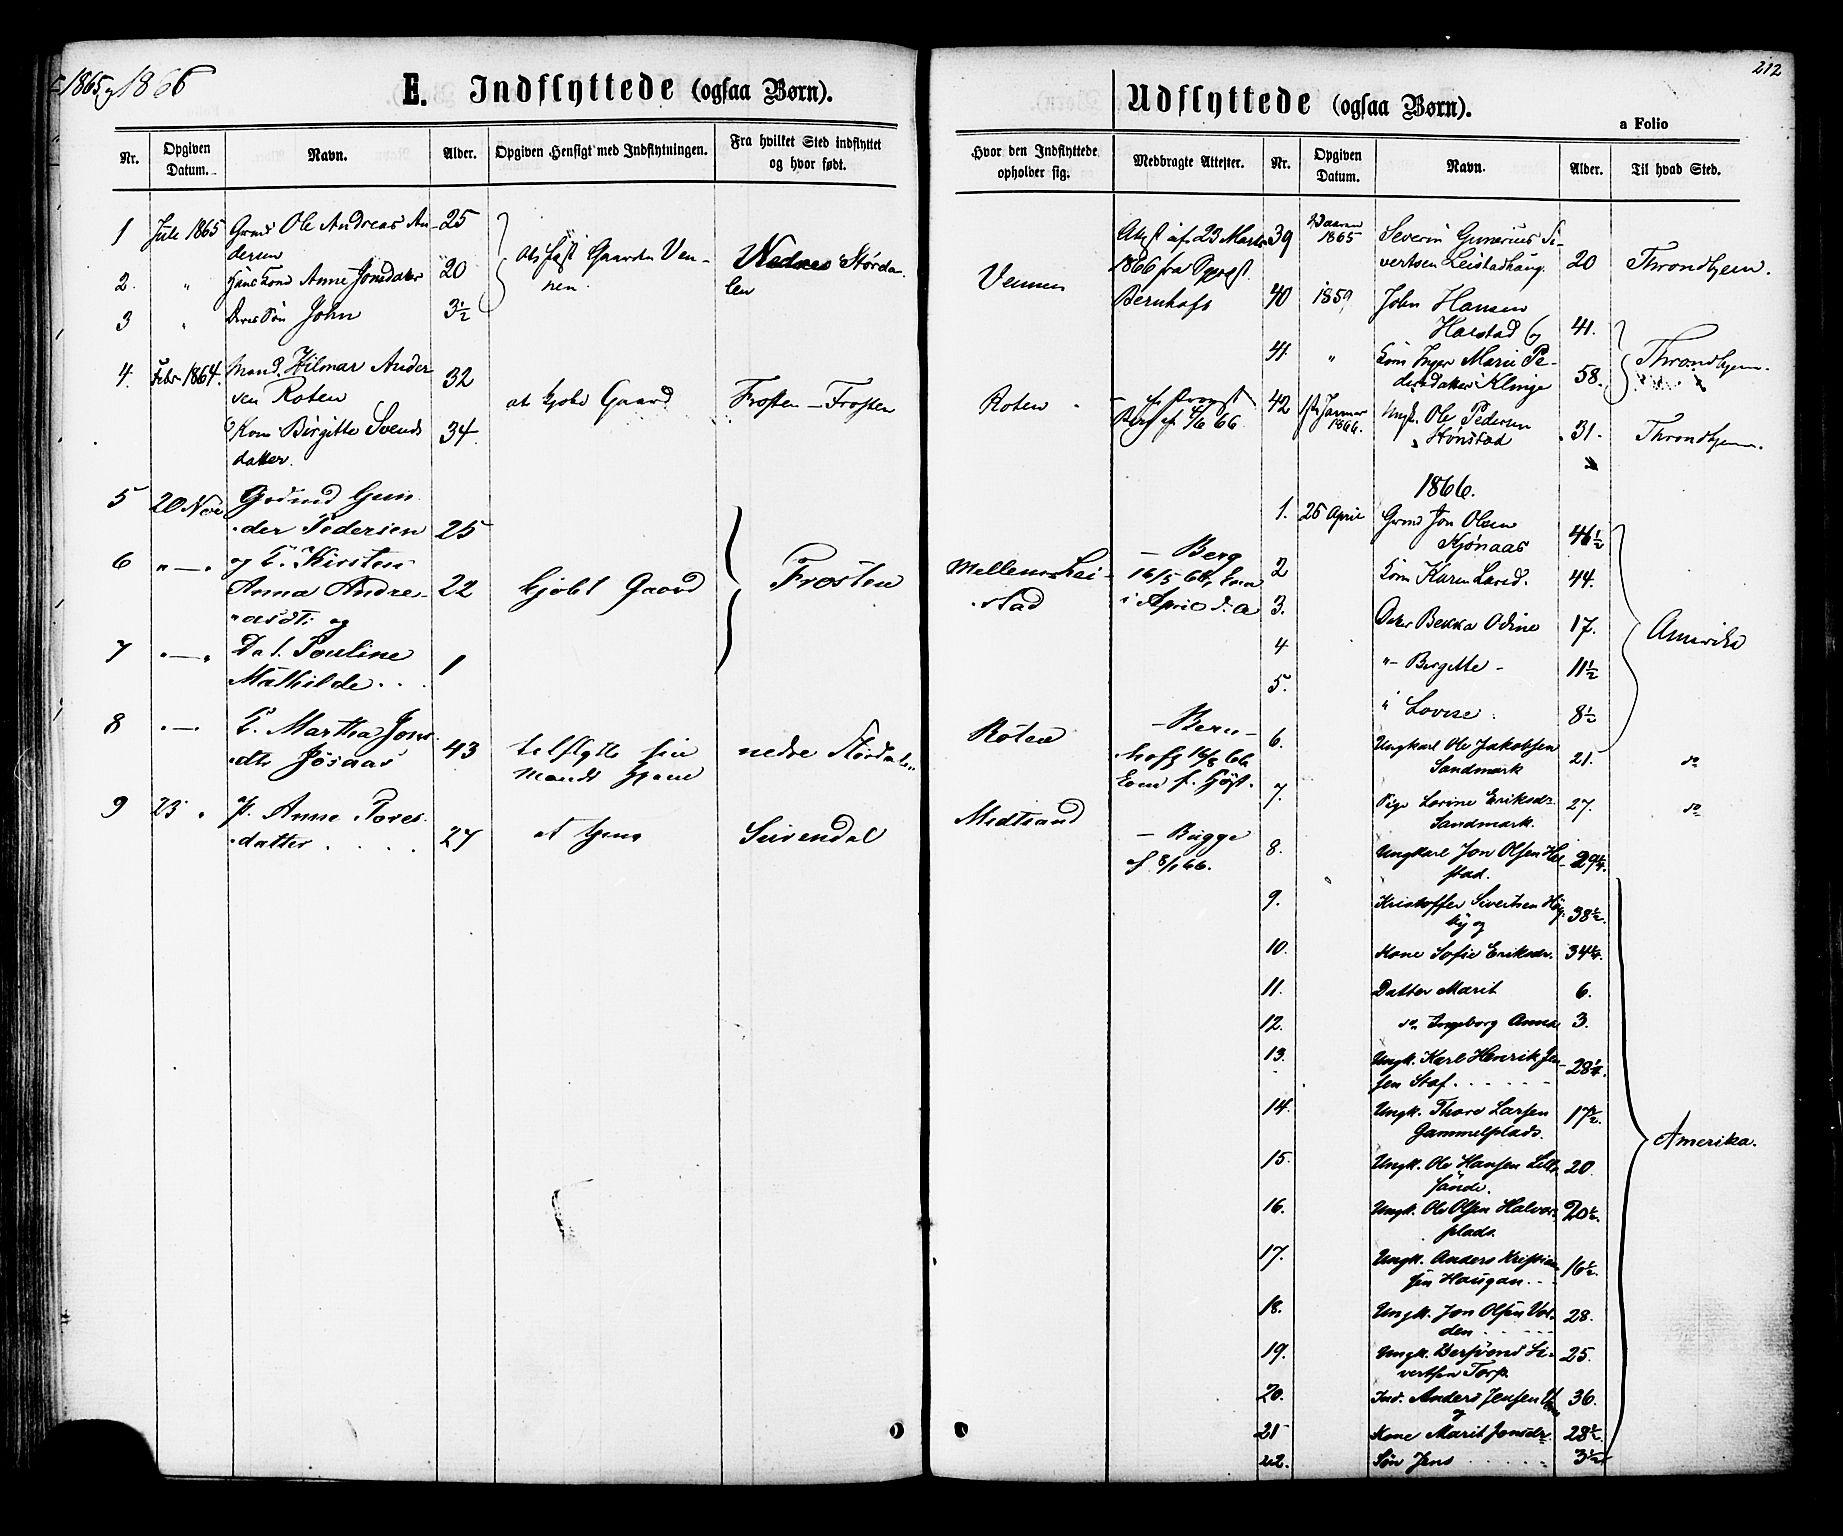 SAT, Ministerialprotokoller, klokkerbøker og fødselsregistre - Sør-Trøndelag, 616/L0409: Ministerialbok nr. 616A06, 1865-1877, s. 212